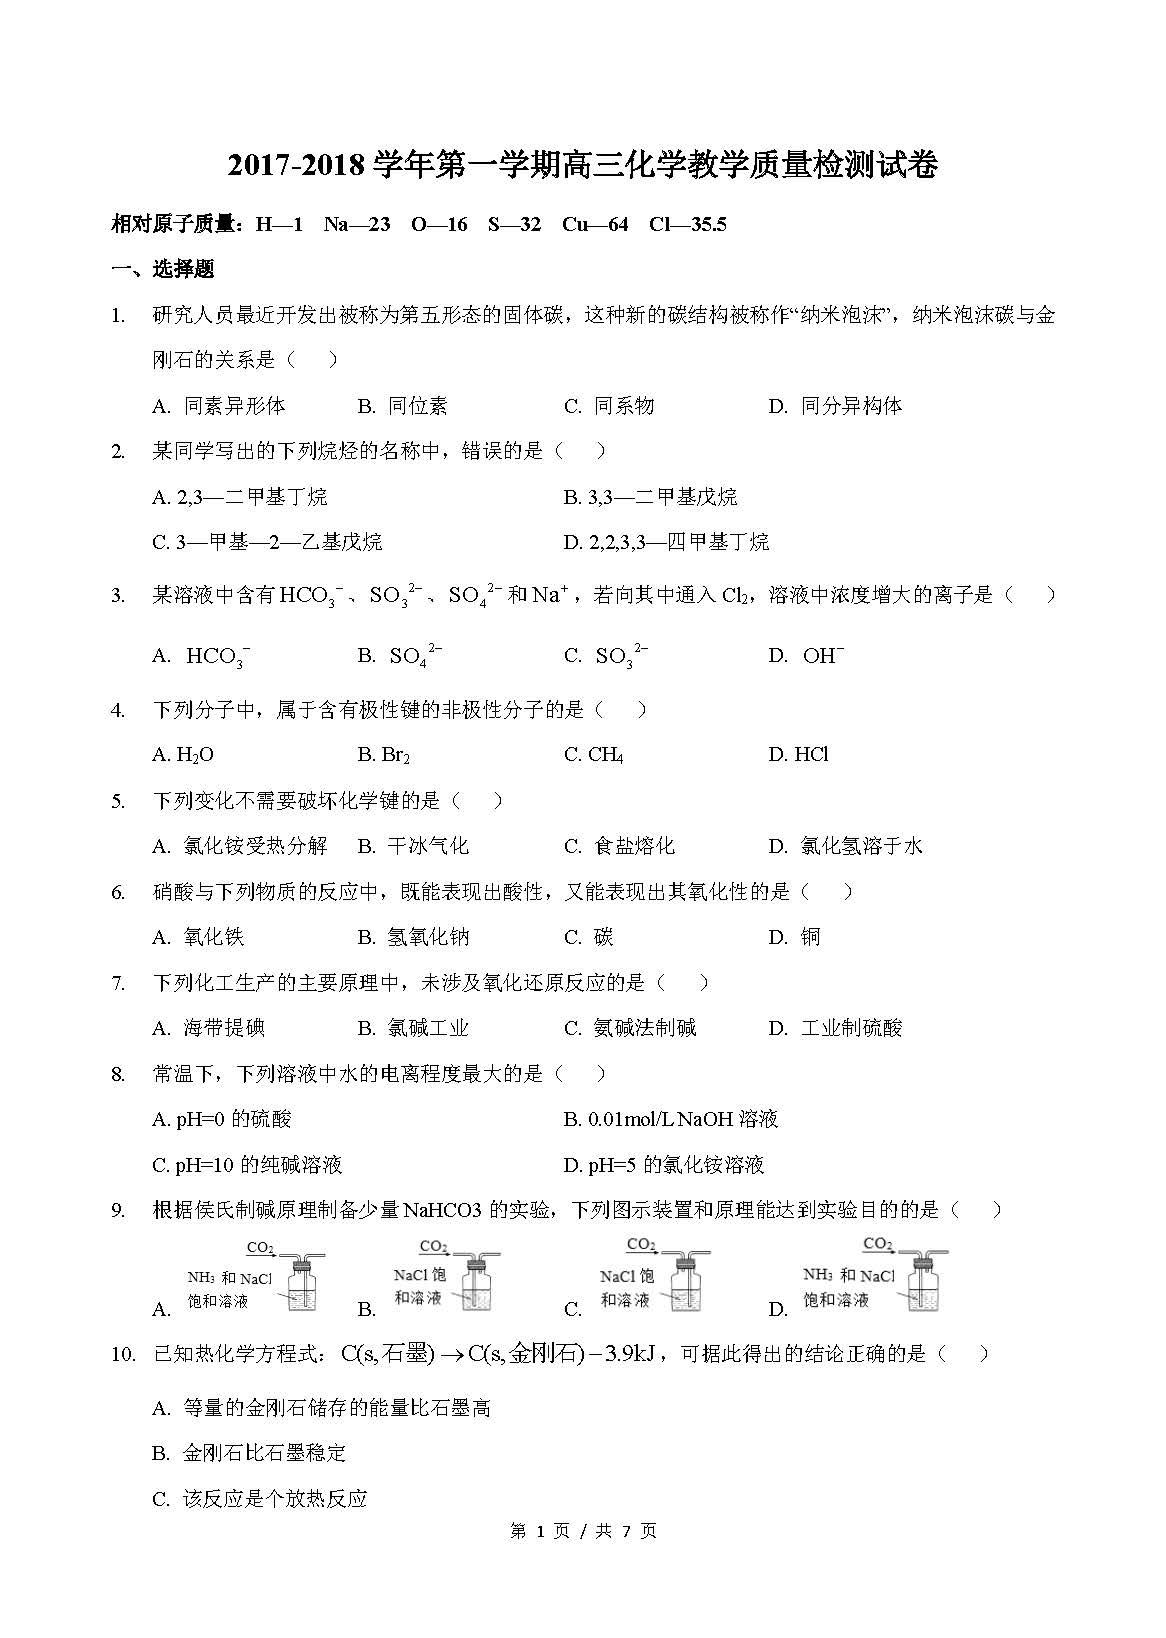 2018上海嘉定区高三一模化学试卷及答案